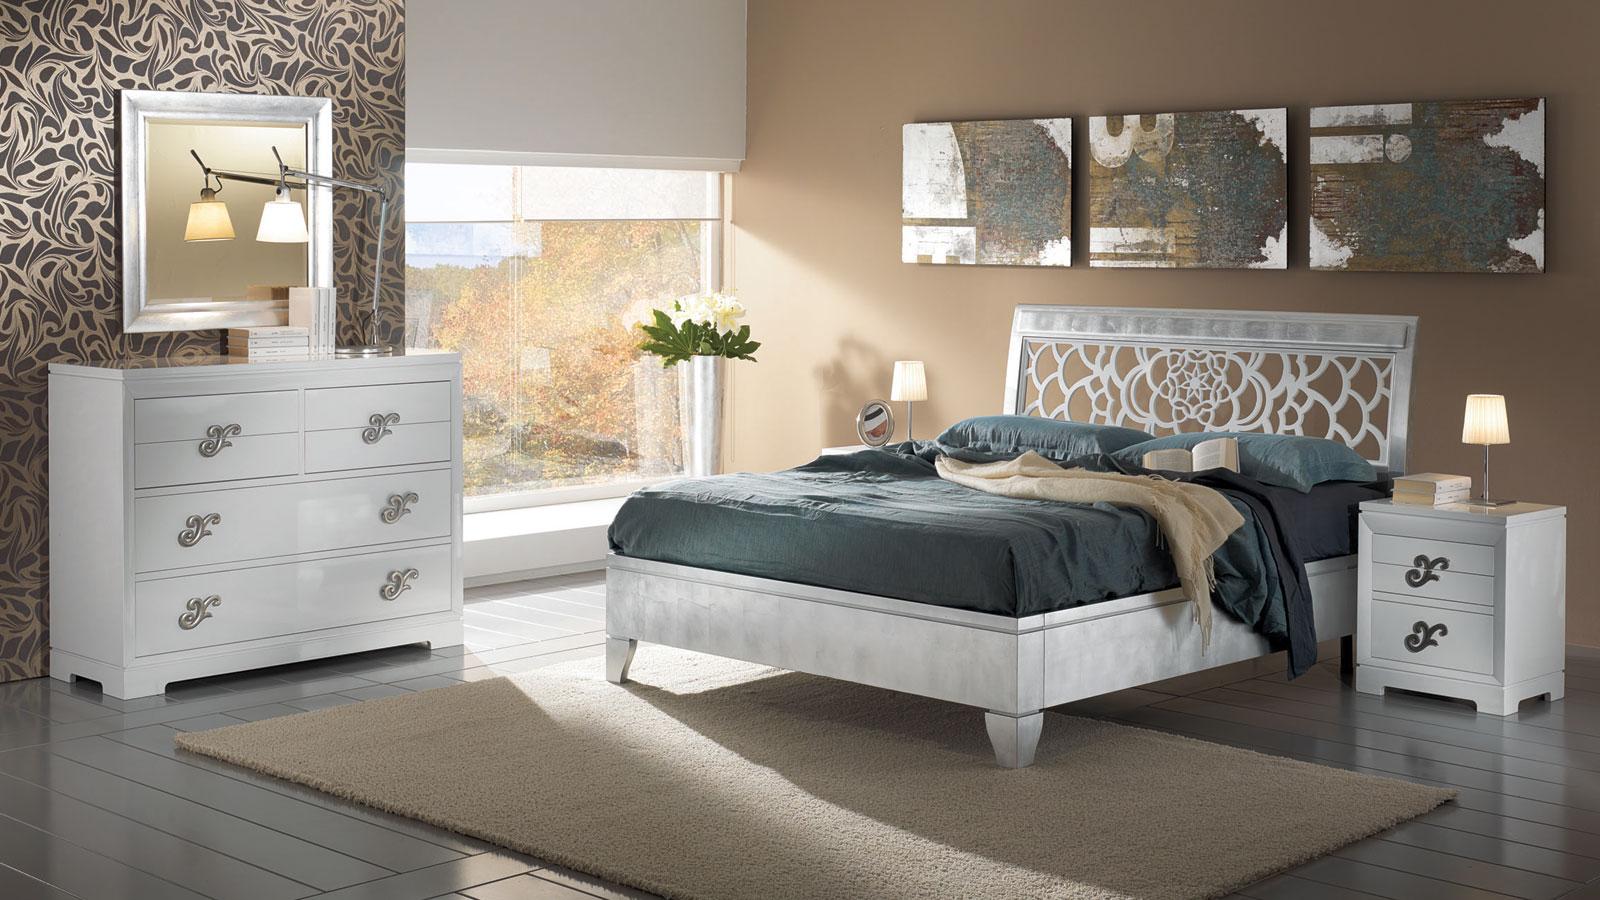 Trendy complementi di arredo camera da letto zona notte a - Complementi d arredo camera da letto ...